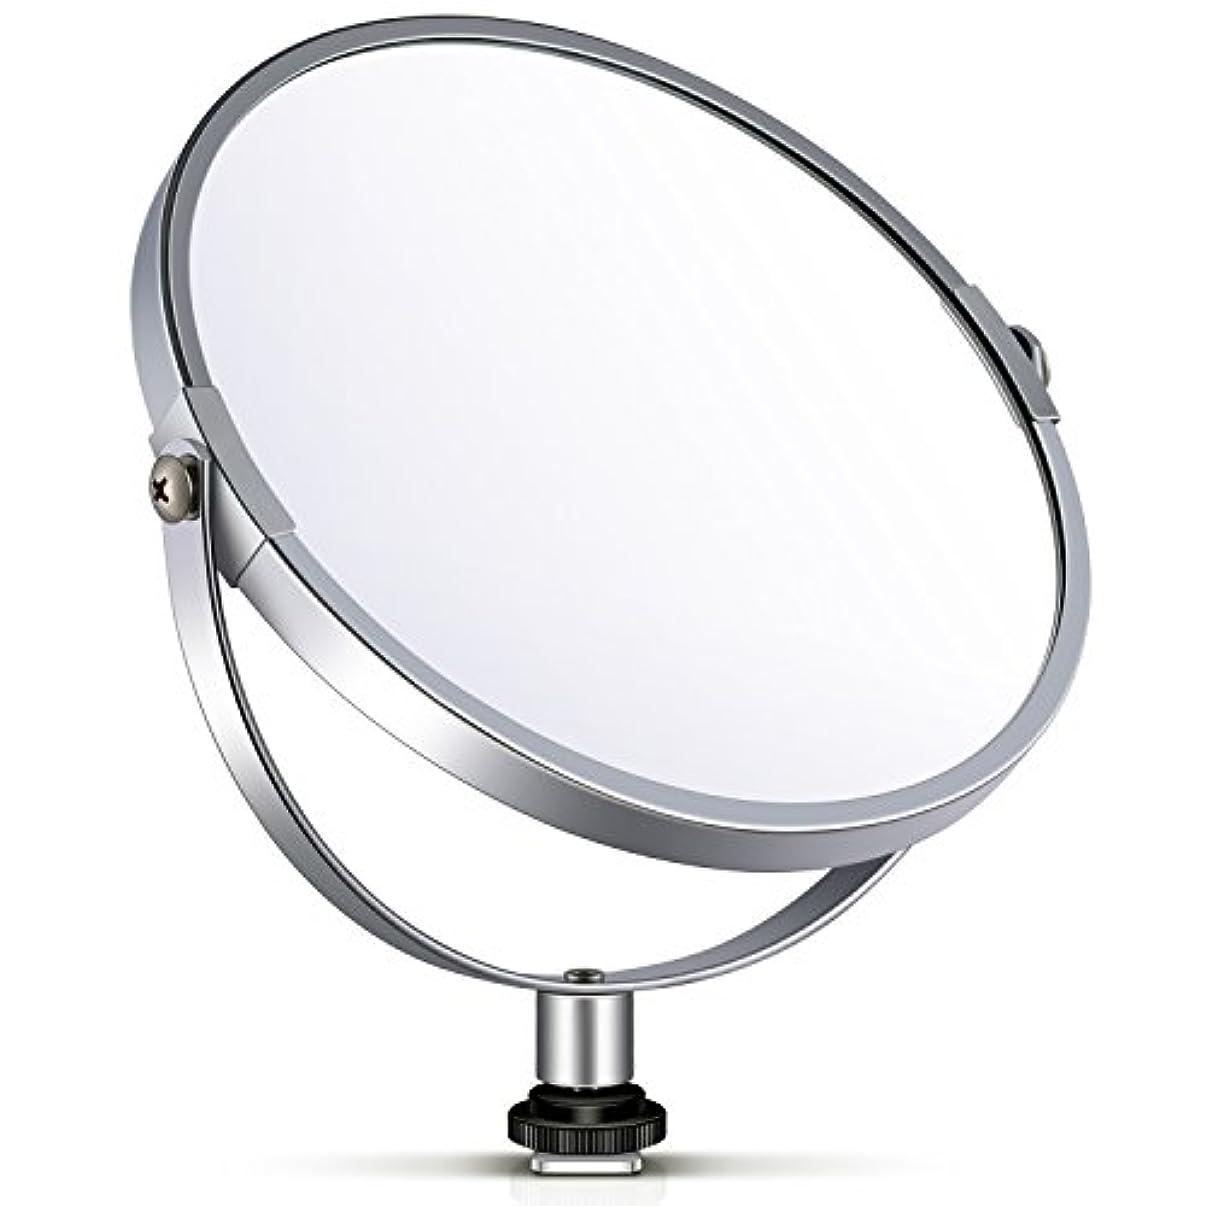 ぶら下がる保守的薄汚いNeewer 両面鏡 拡大鏡 化粧鏡 6 in/15.2 cm 円形 14 inのリングライト 自撮り 化粧 ポートレート用アダプタ付